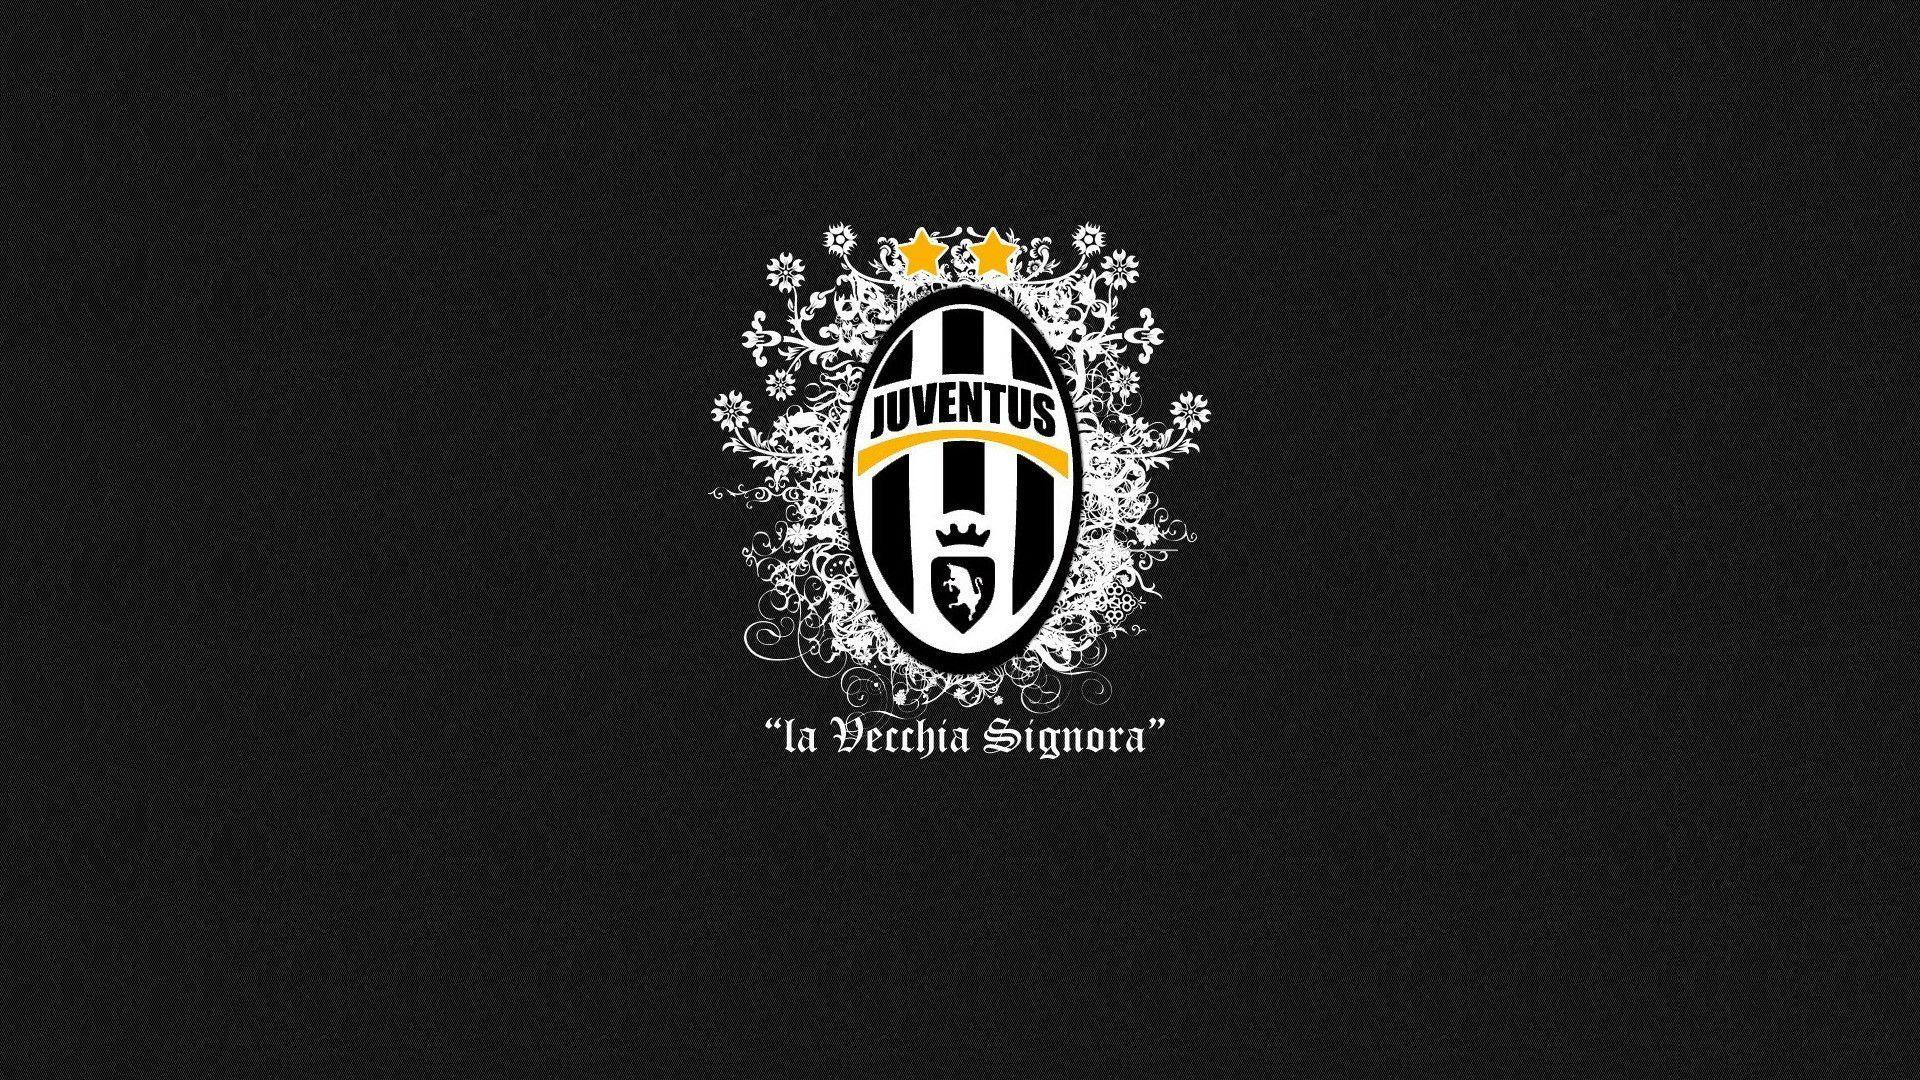 Logo Juventus Wallpaper 2018 75 Images